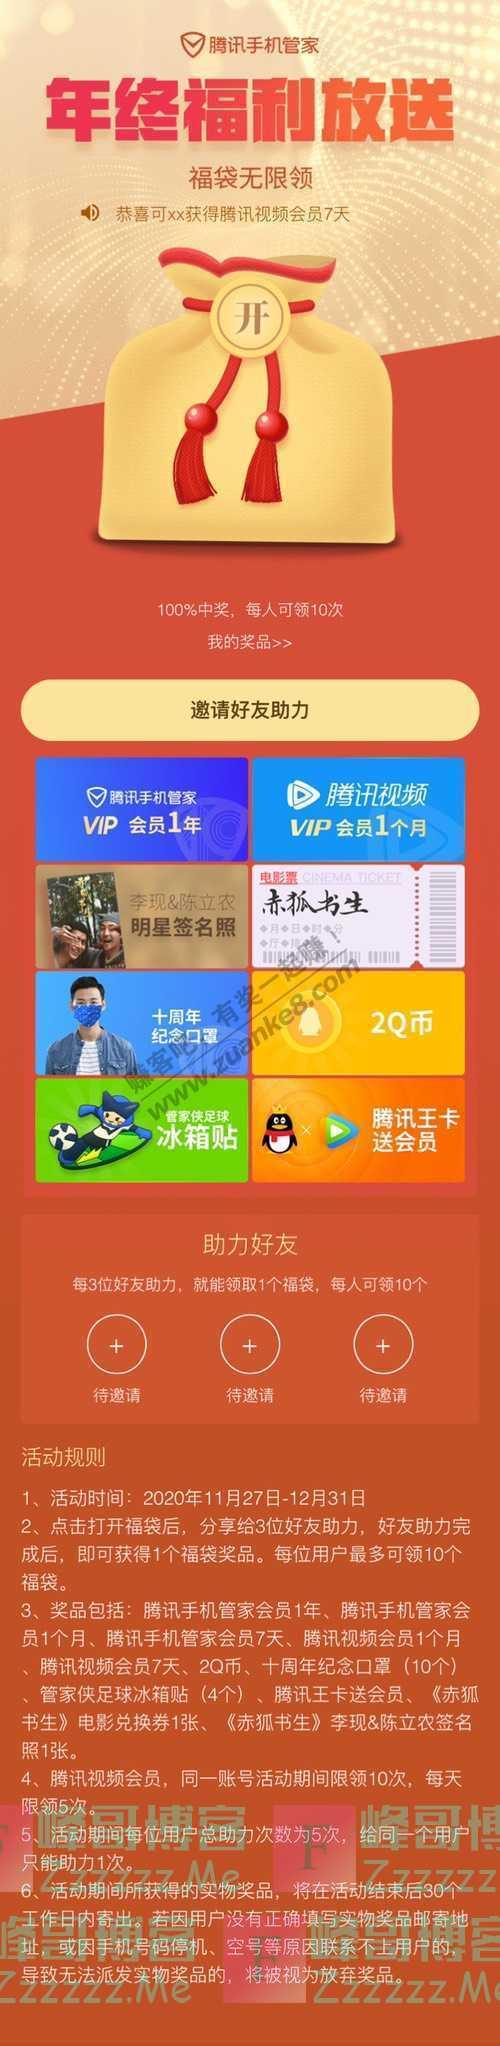 腾讯手机管家粉丝团【年终福利】会员、电影券、明星签名照…(12月31日截止)